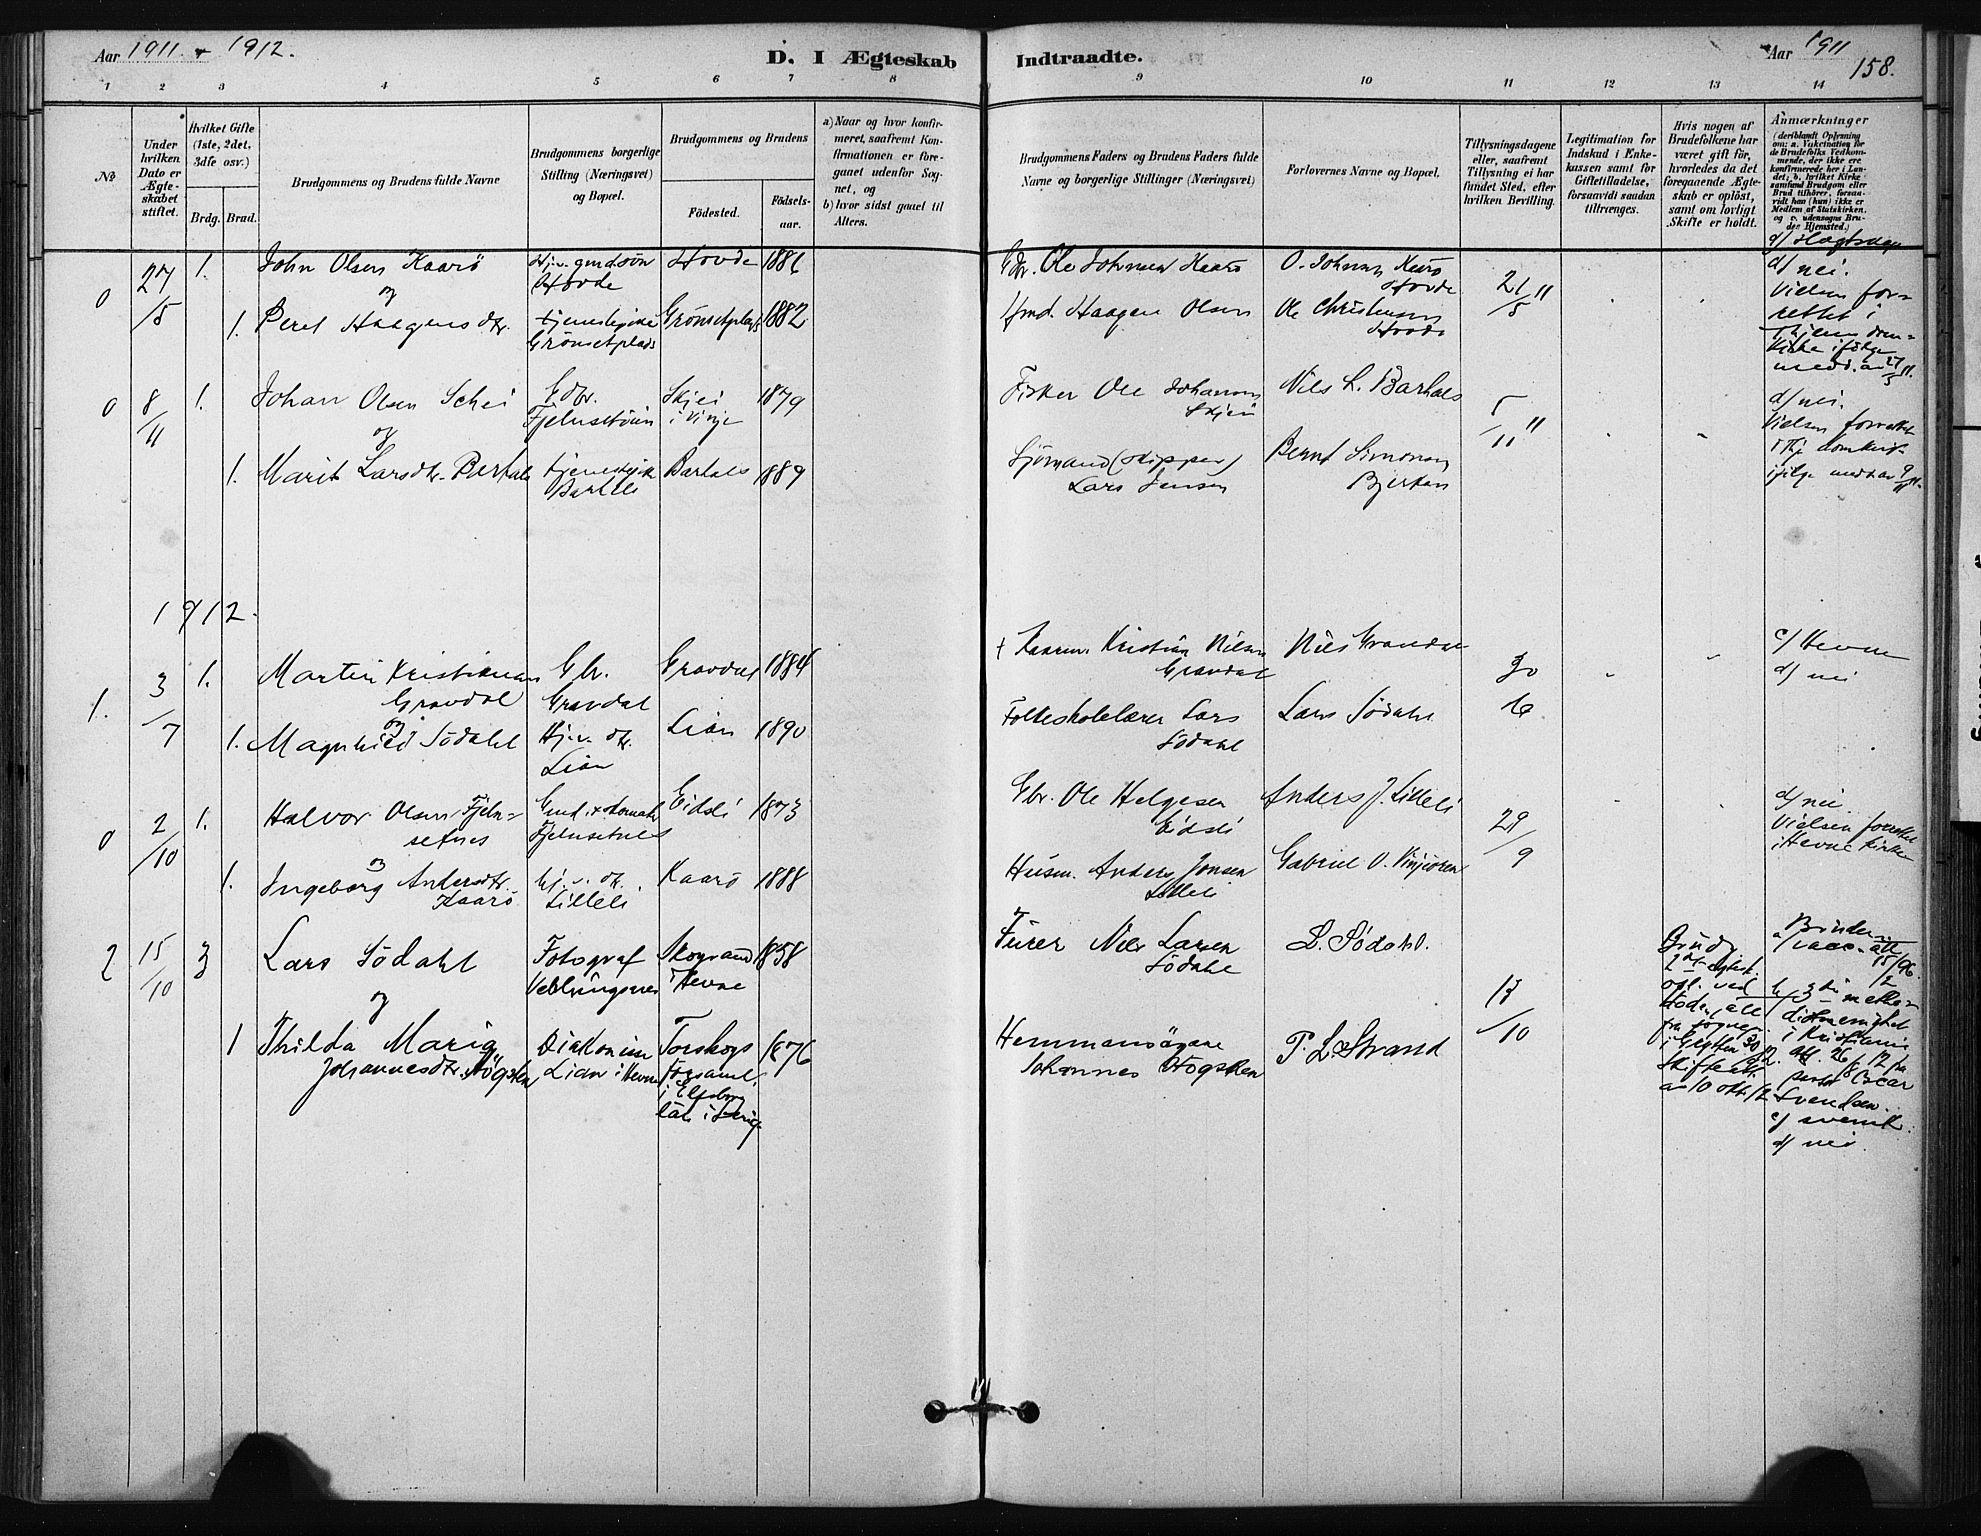 SAT, Ministerialprotokoller, klokkerbøker og fødselsregistre - Sør-Trøndelag, 631/L0512: Ministerialbok nr. 631A01, 1879-1912, s. 158